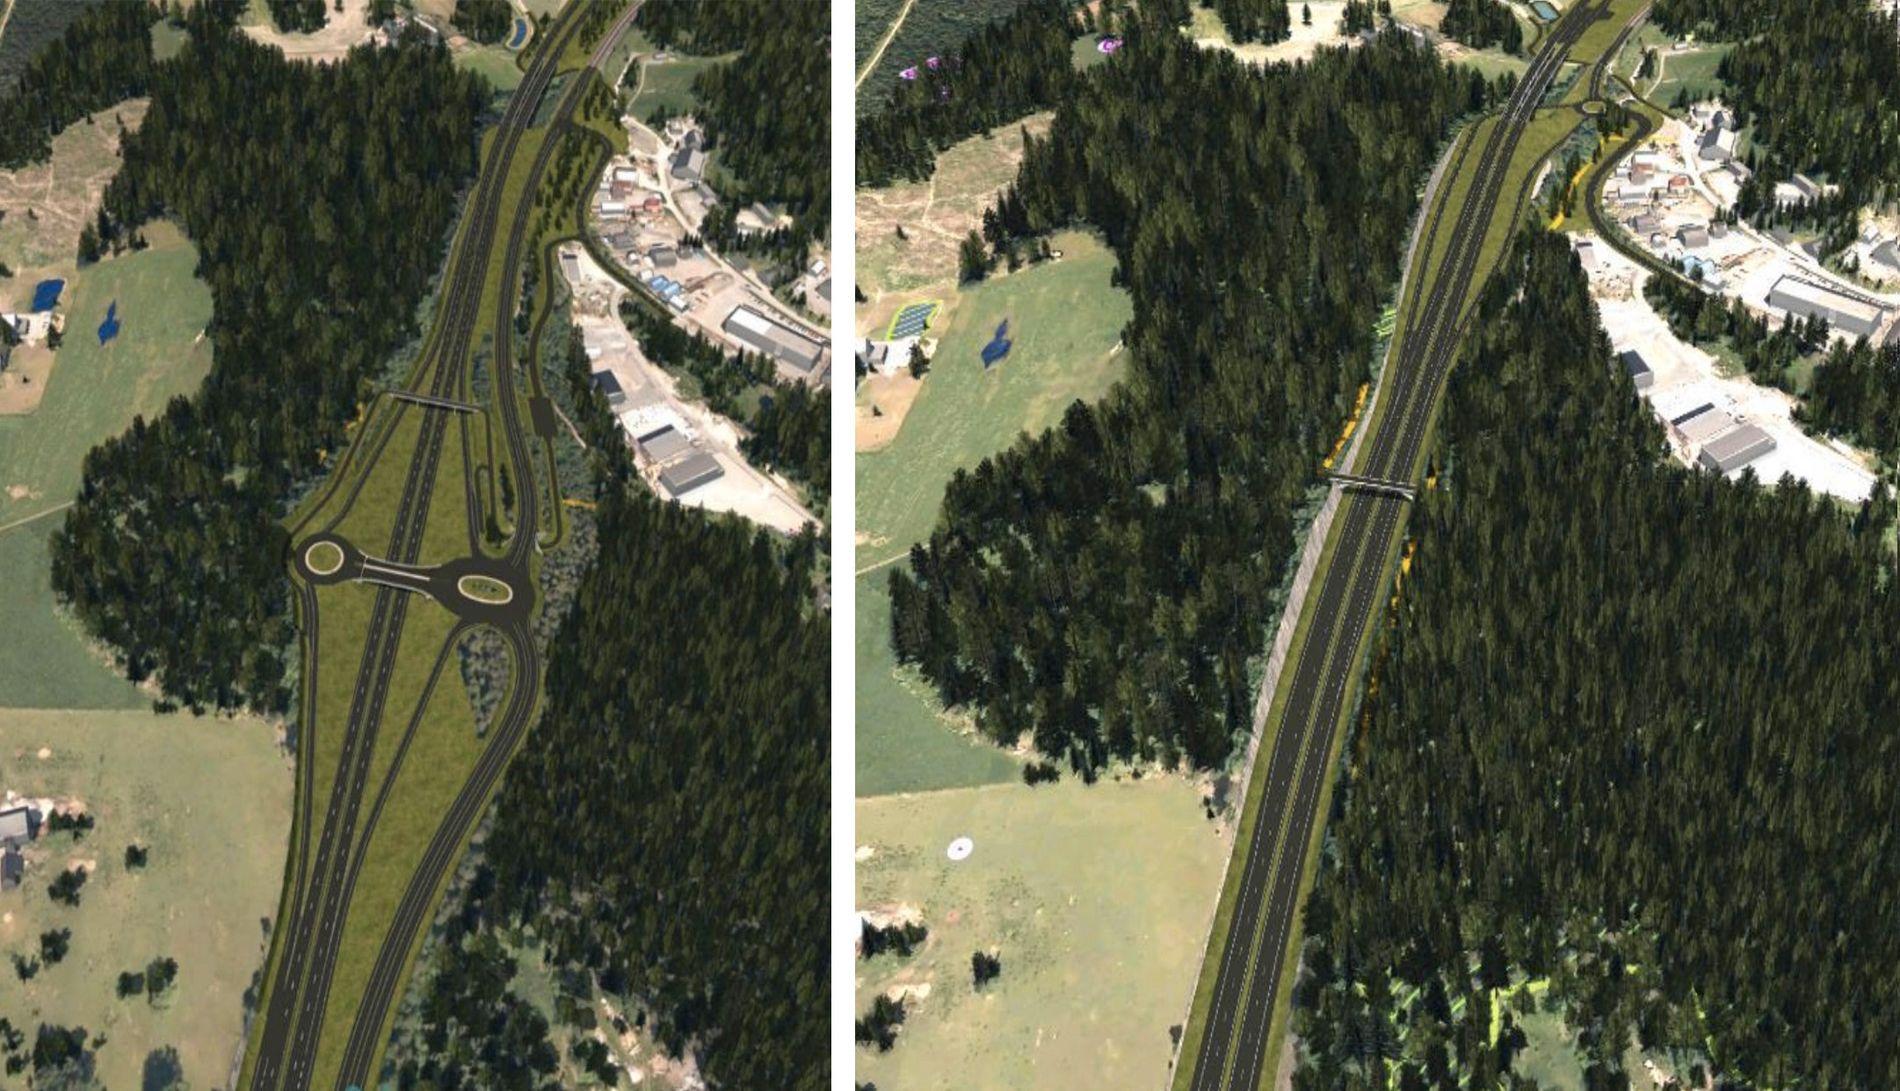 Nye Veier vil ha to halve kryss, som man kan se øverst på illustrasjonen til høyre. Vegvesenet vil ha et fullskala kryss som til venstre.